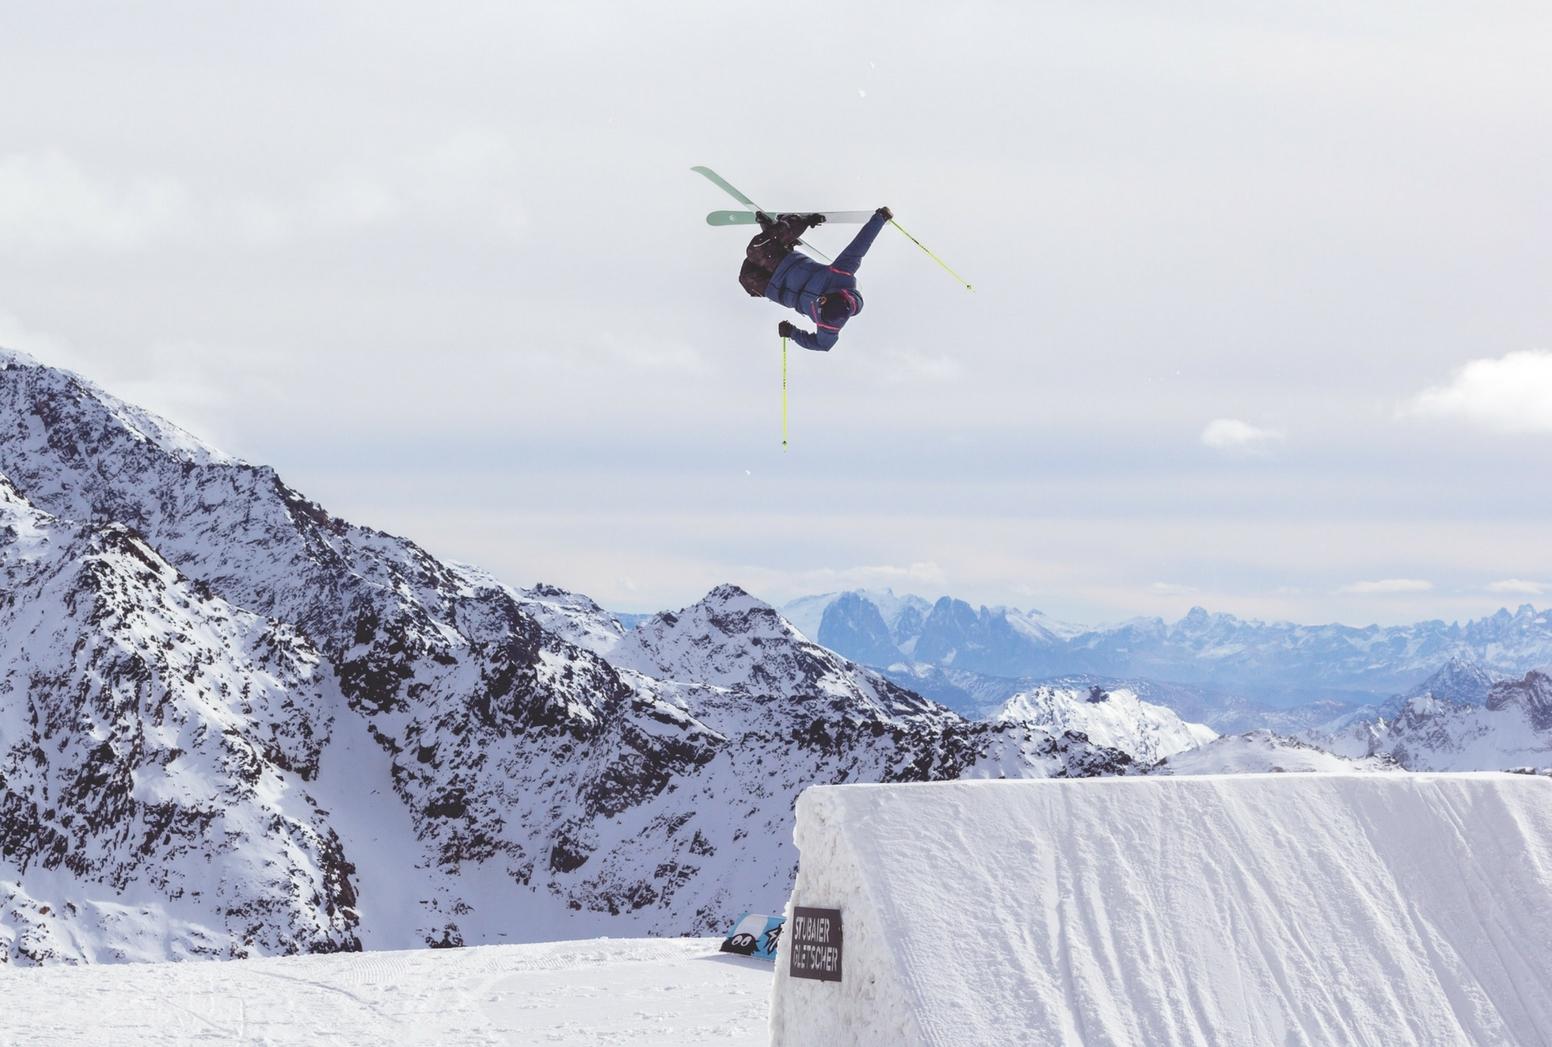 skier doing a backflip